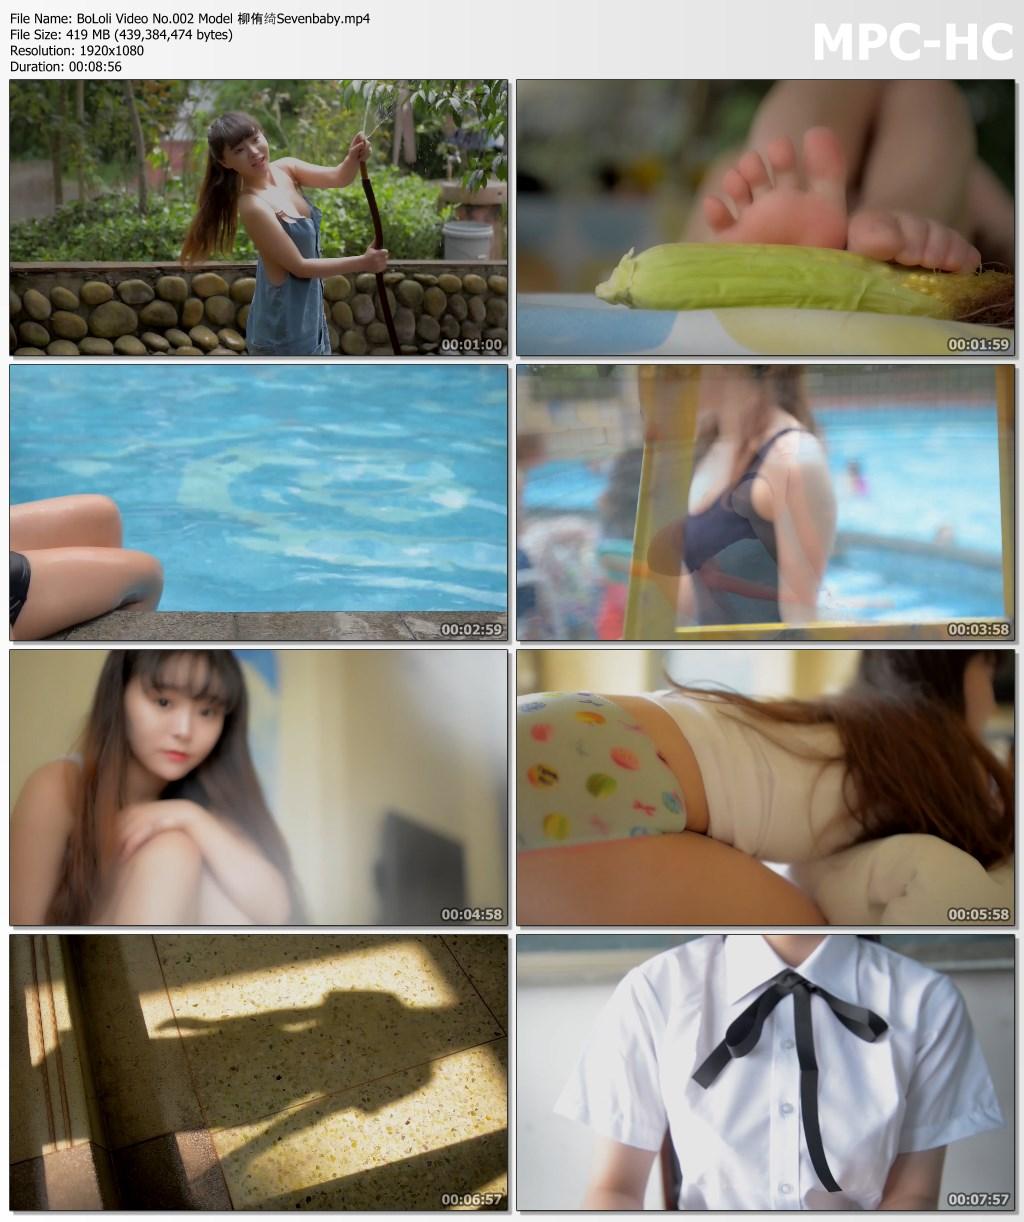 BoLoli Video No.002